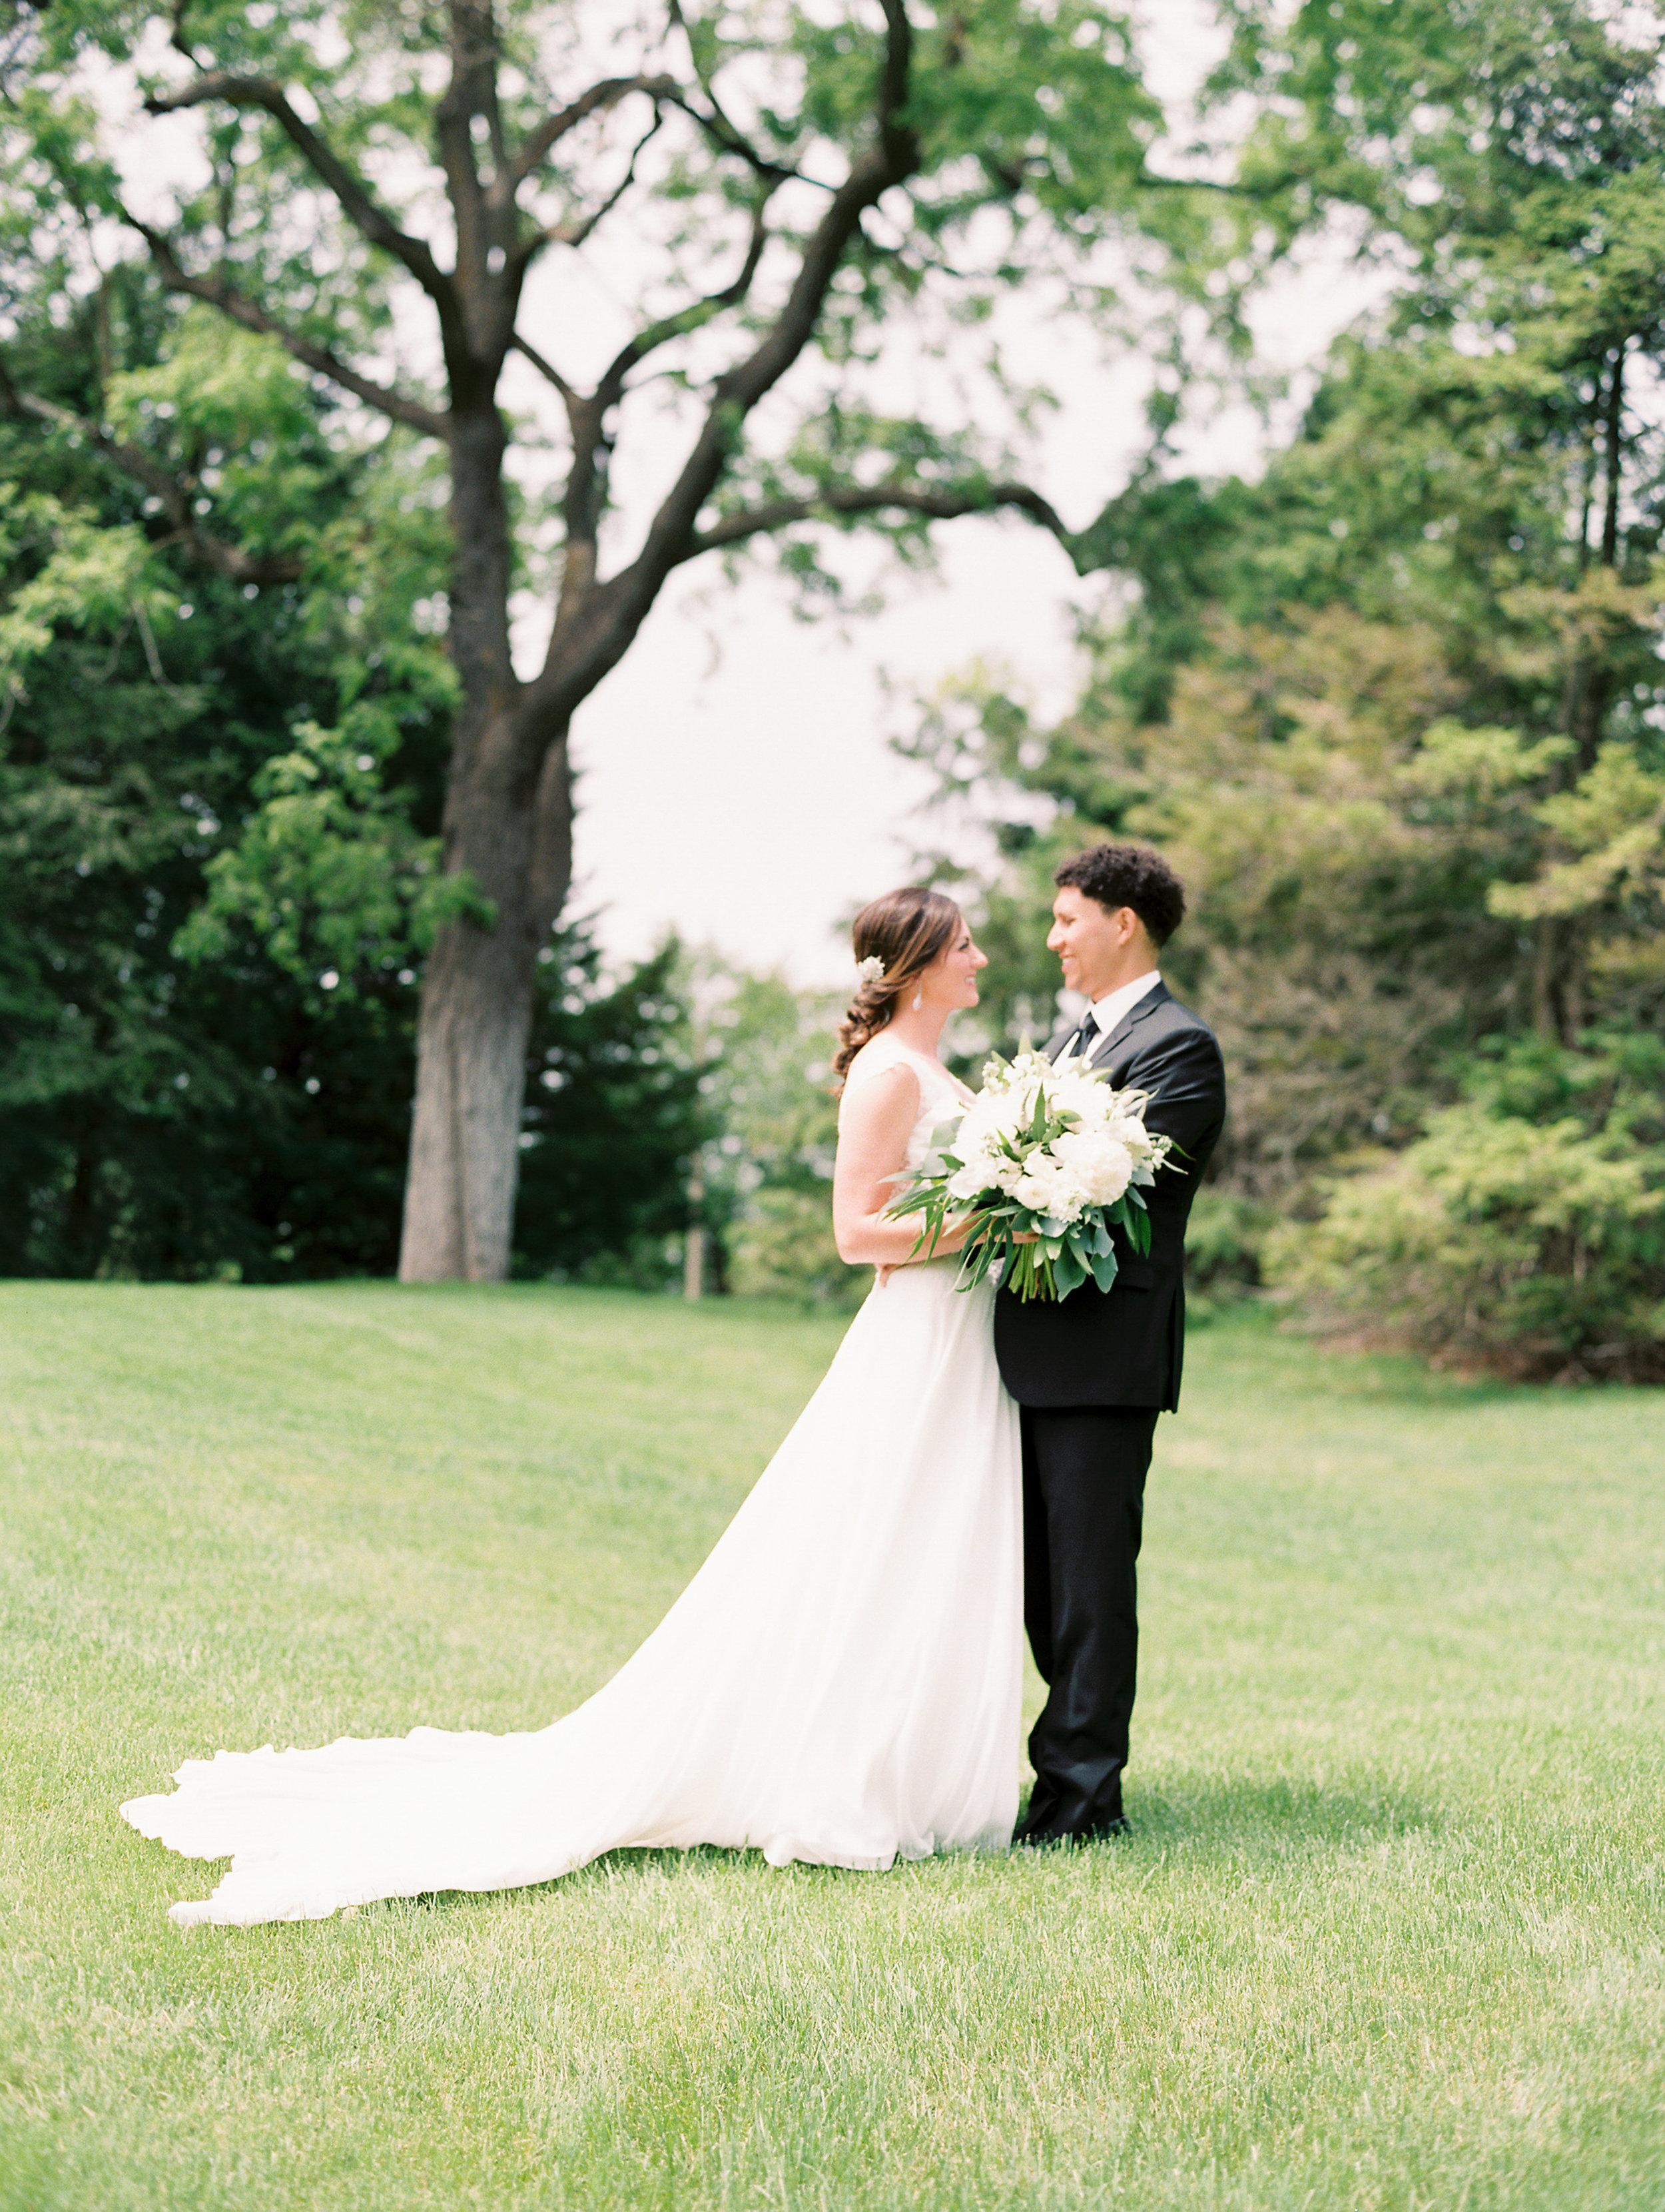 Julius+Wedding+BridalPartyf-74.jpg